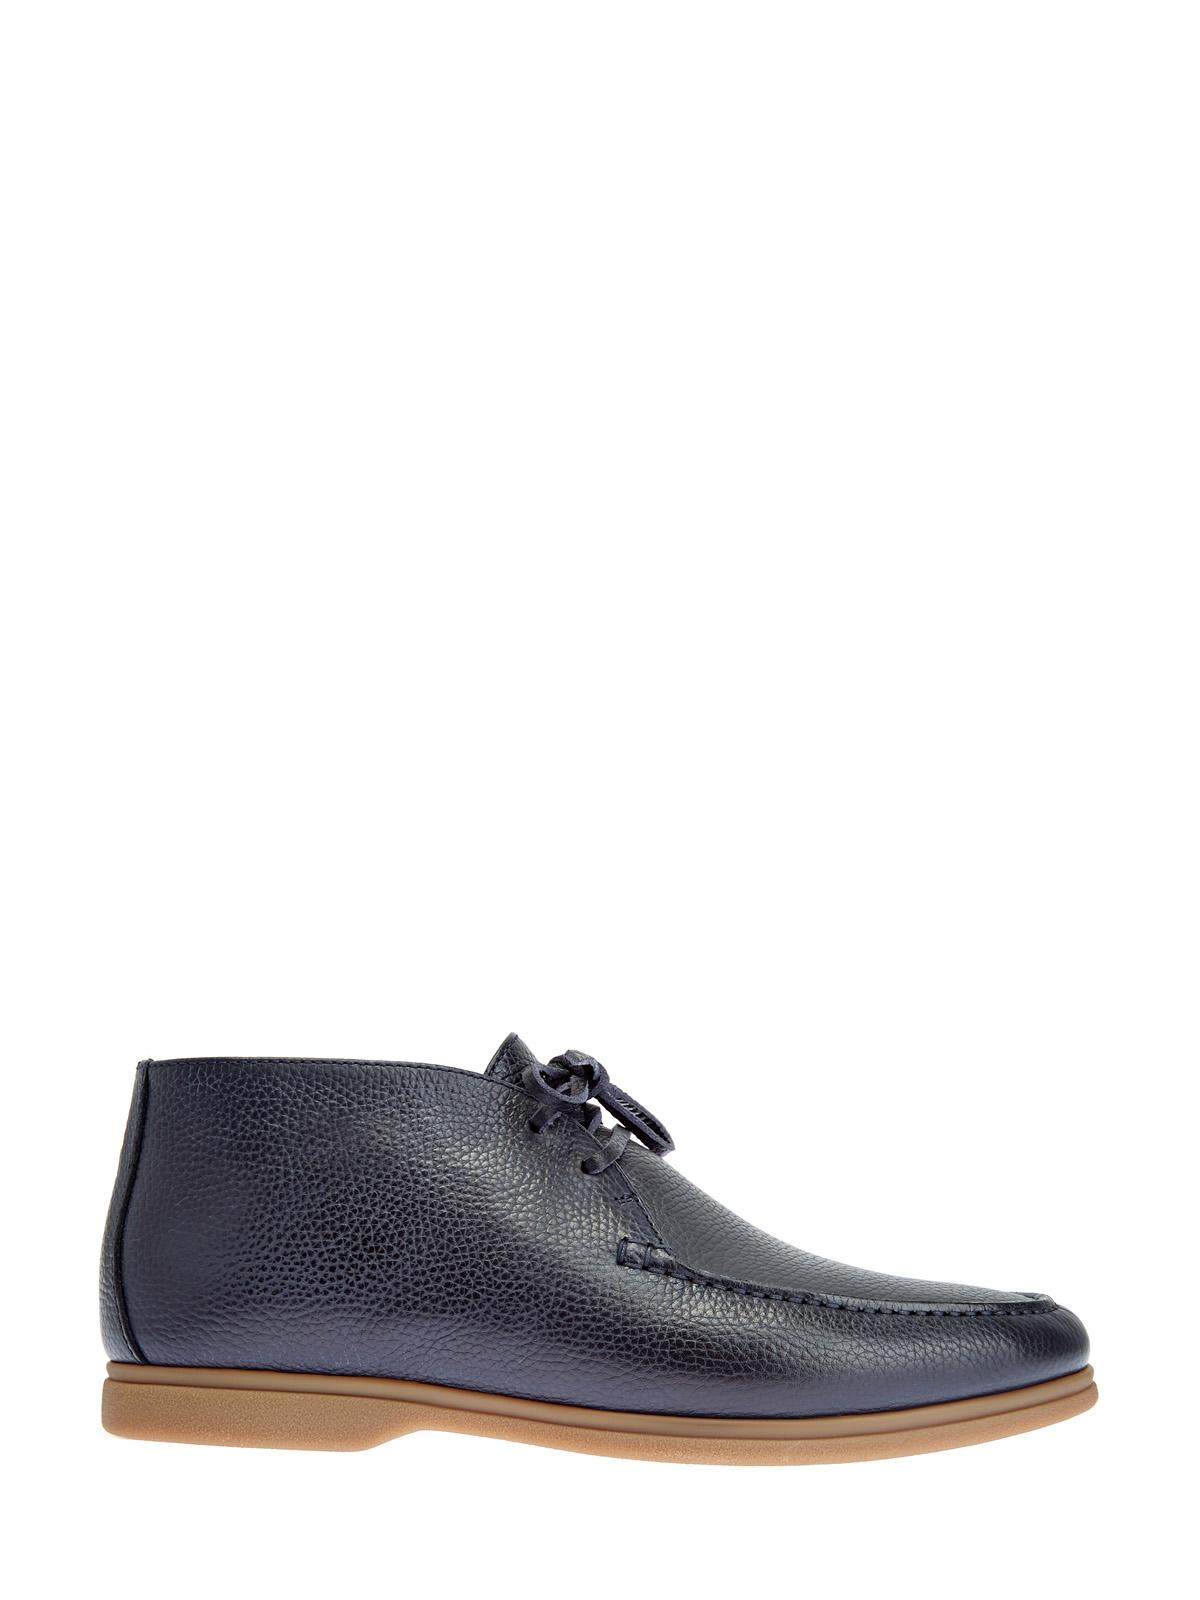 Утепленные ботинки из крупнозернистой телячьей кожи